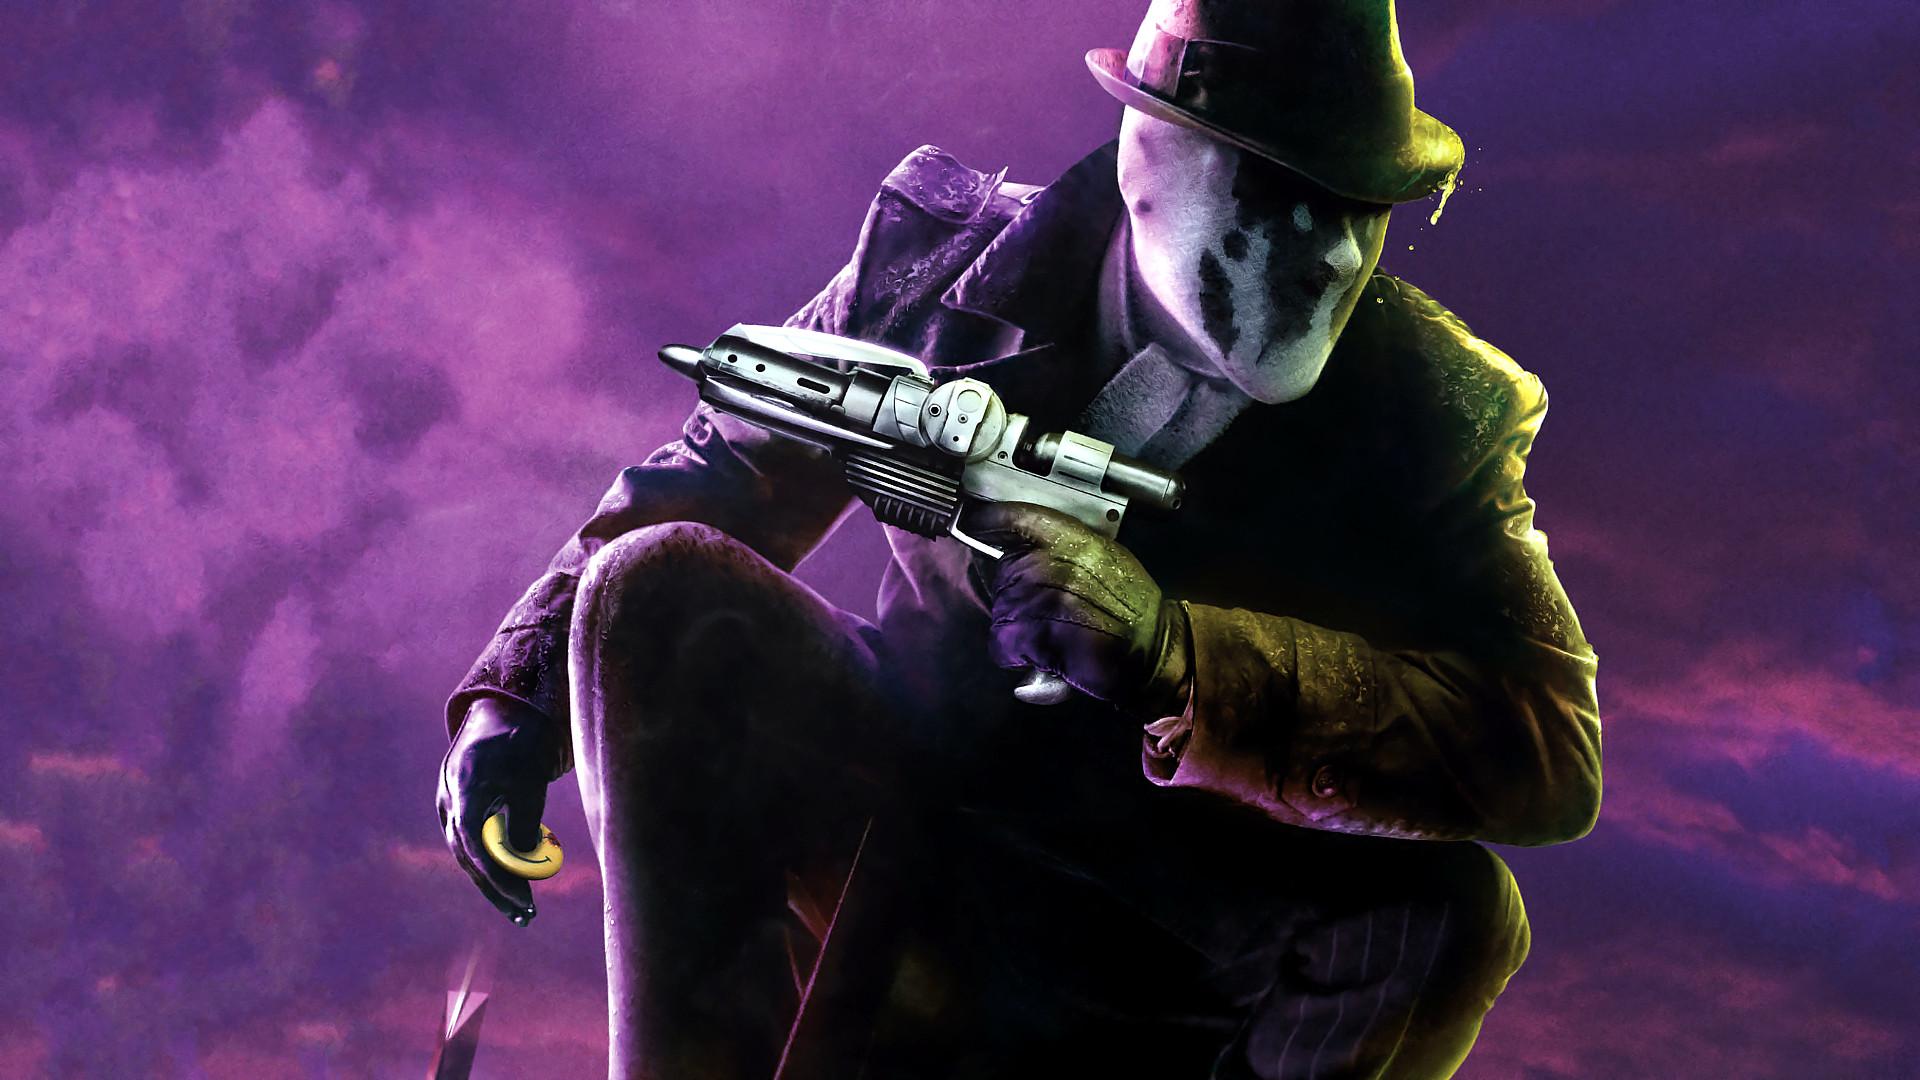 Wallpaper Rorschach, watchmen movie, 2009 movie